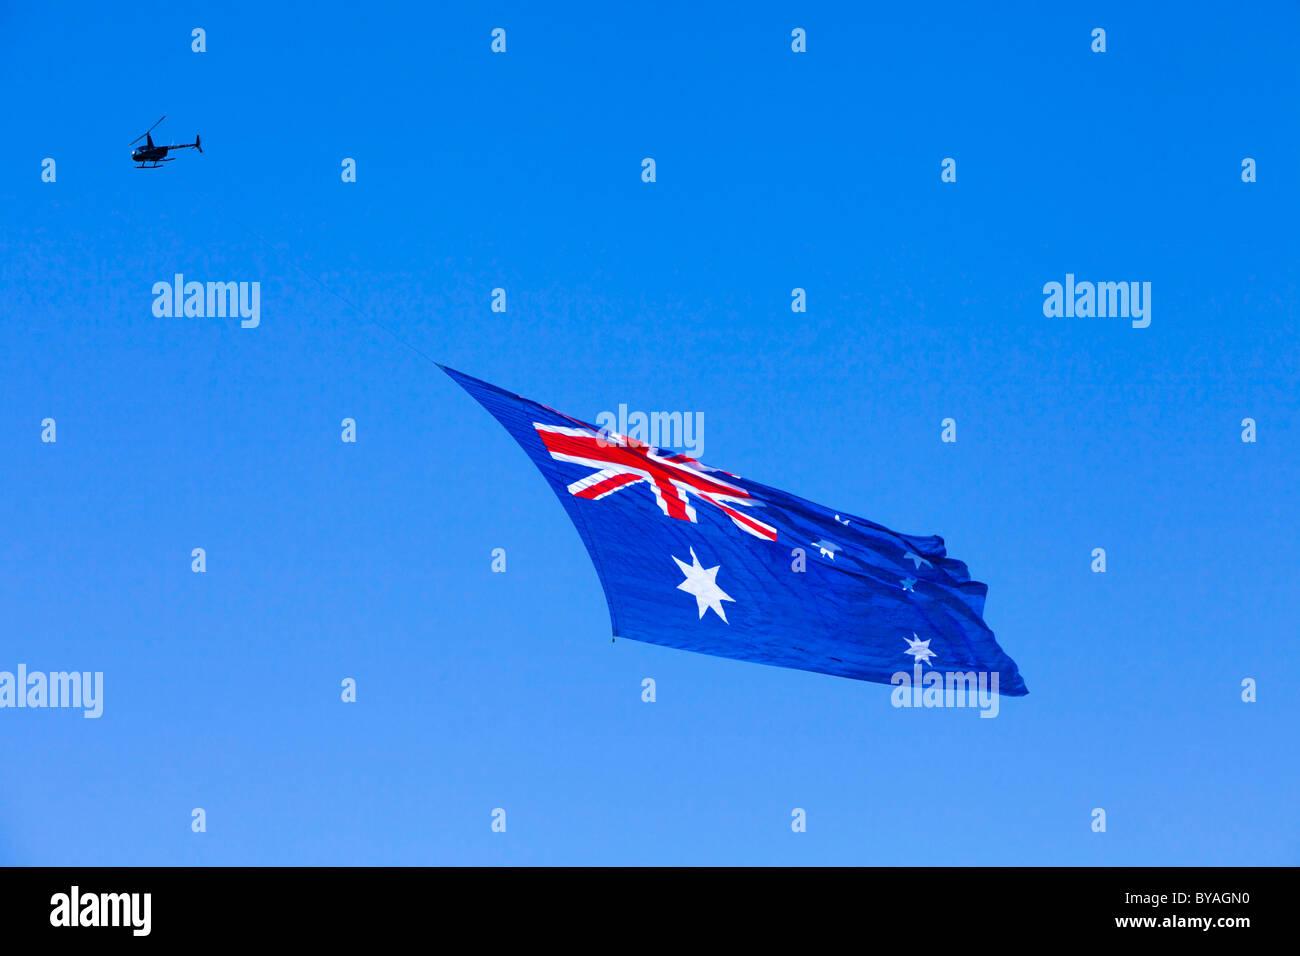 Drapeau australien géant tiré par un hélicoptère. Jour de l'Australie, Perth, 2011 Photo Stock